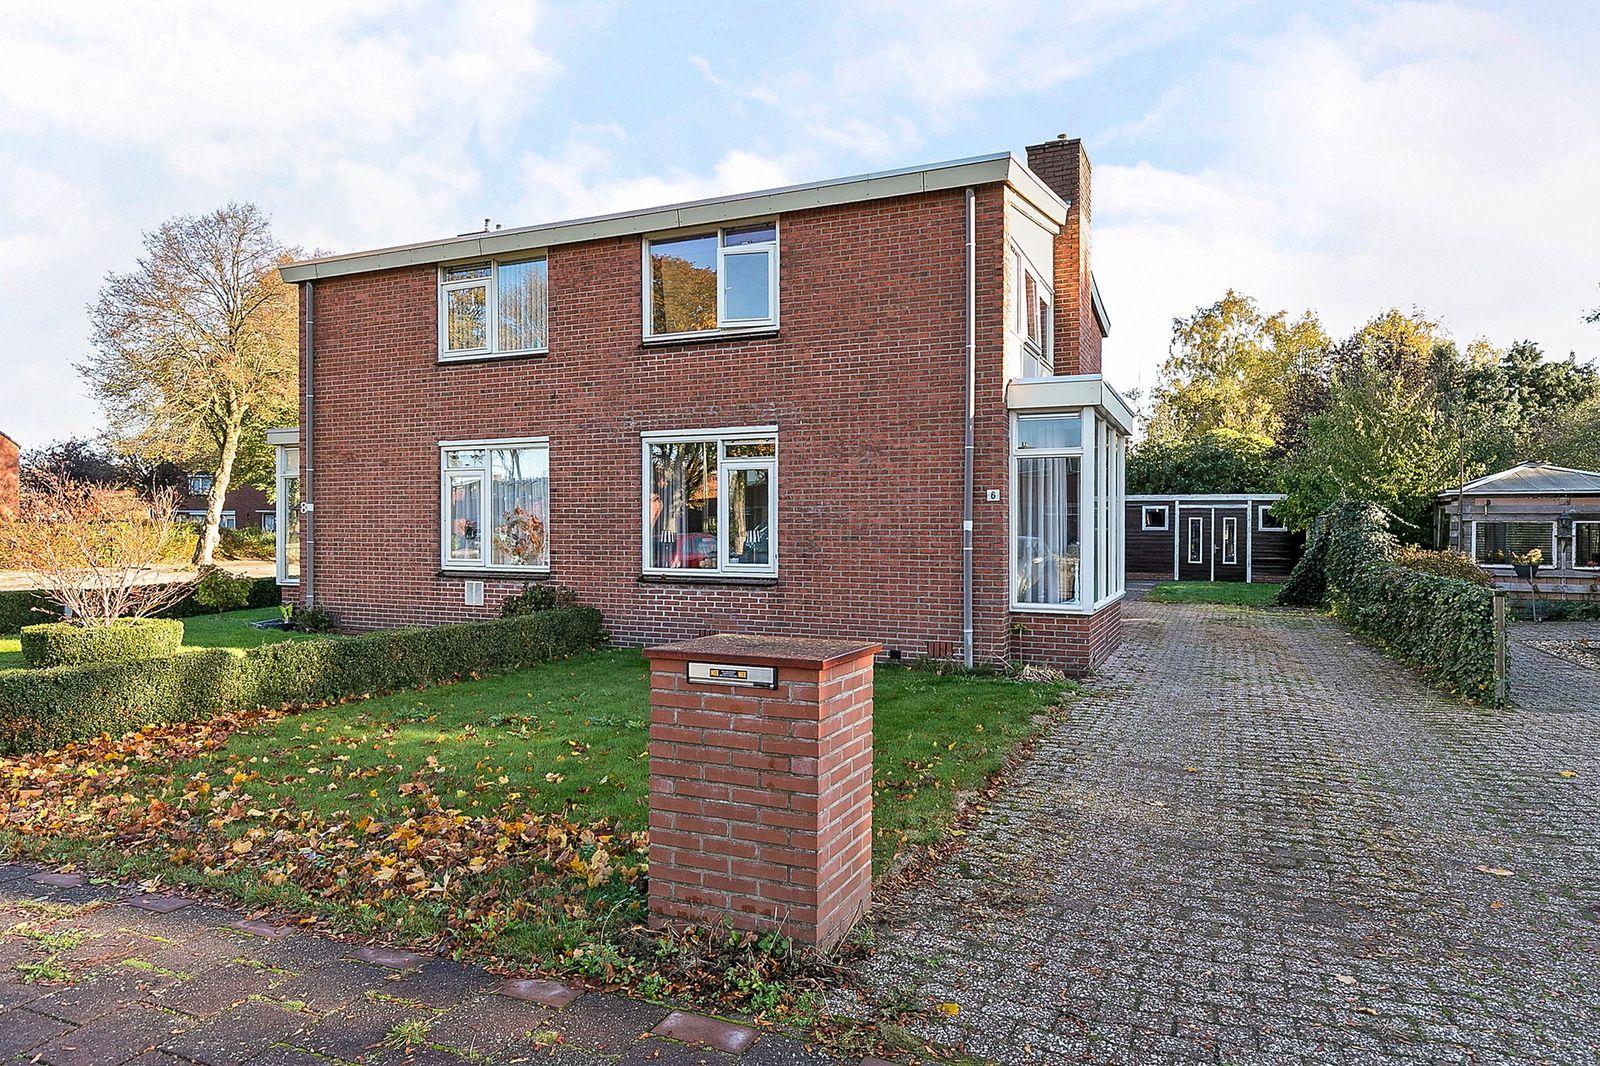 B. Nieuwenhuisweg 6, Nieuw-weerdinge